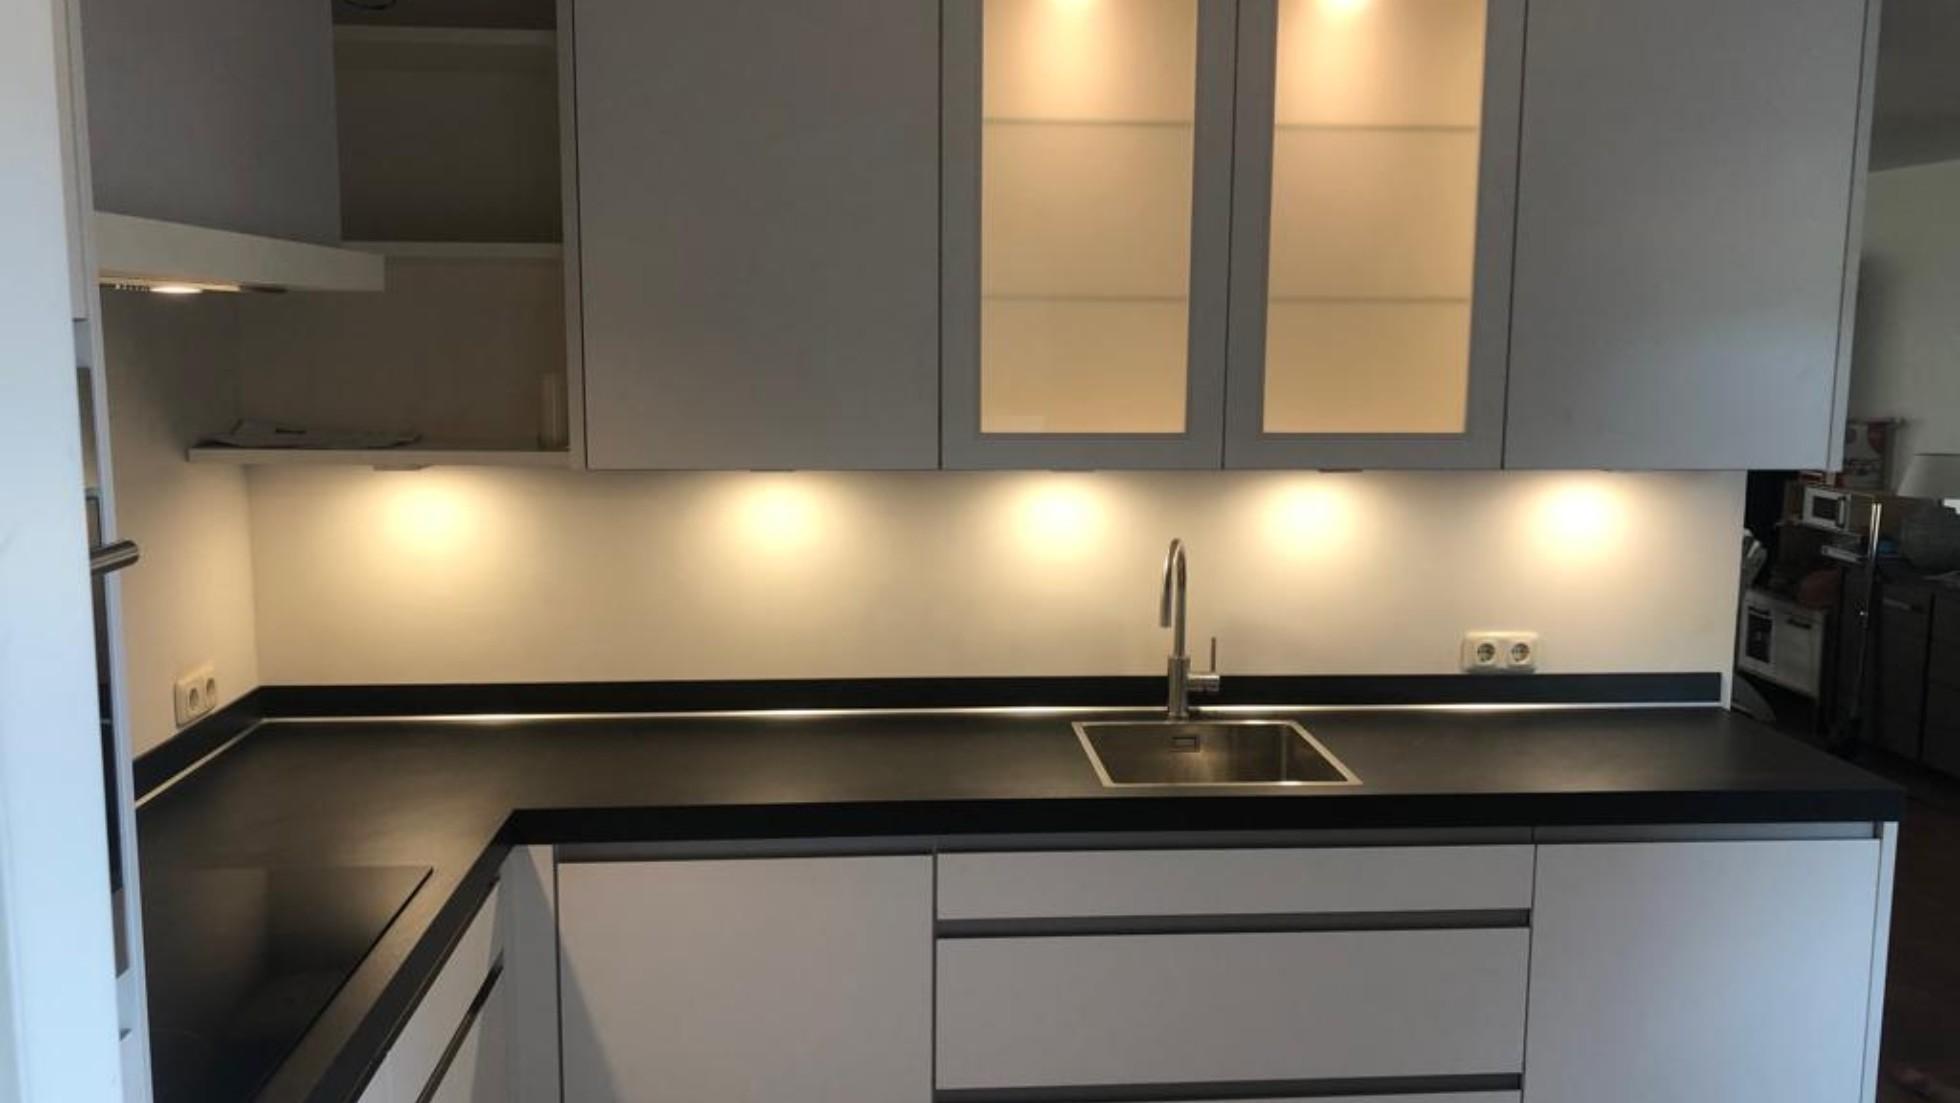 Primo Keukens Keukens Bij Onze Klanten Witte Nobilia Keuken Met Zwart Blad